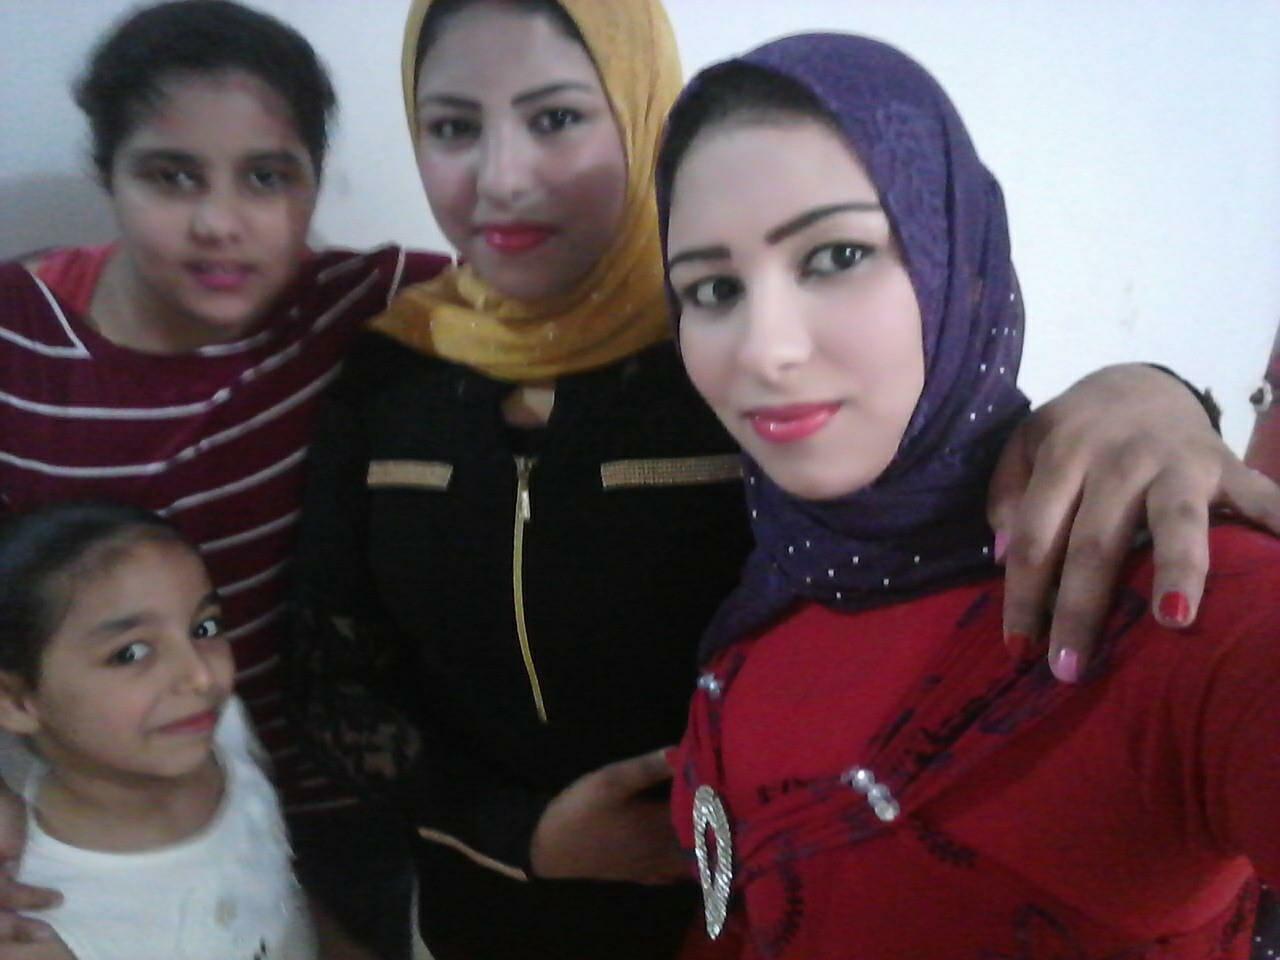 حبوب حفظ الغلال تحصد ارواح 3فتيات في مصر